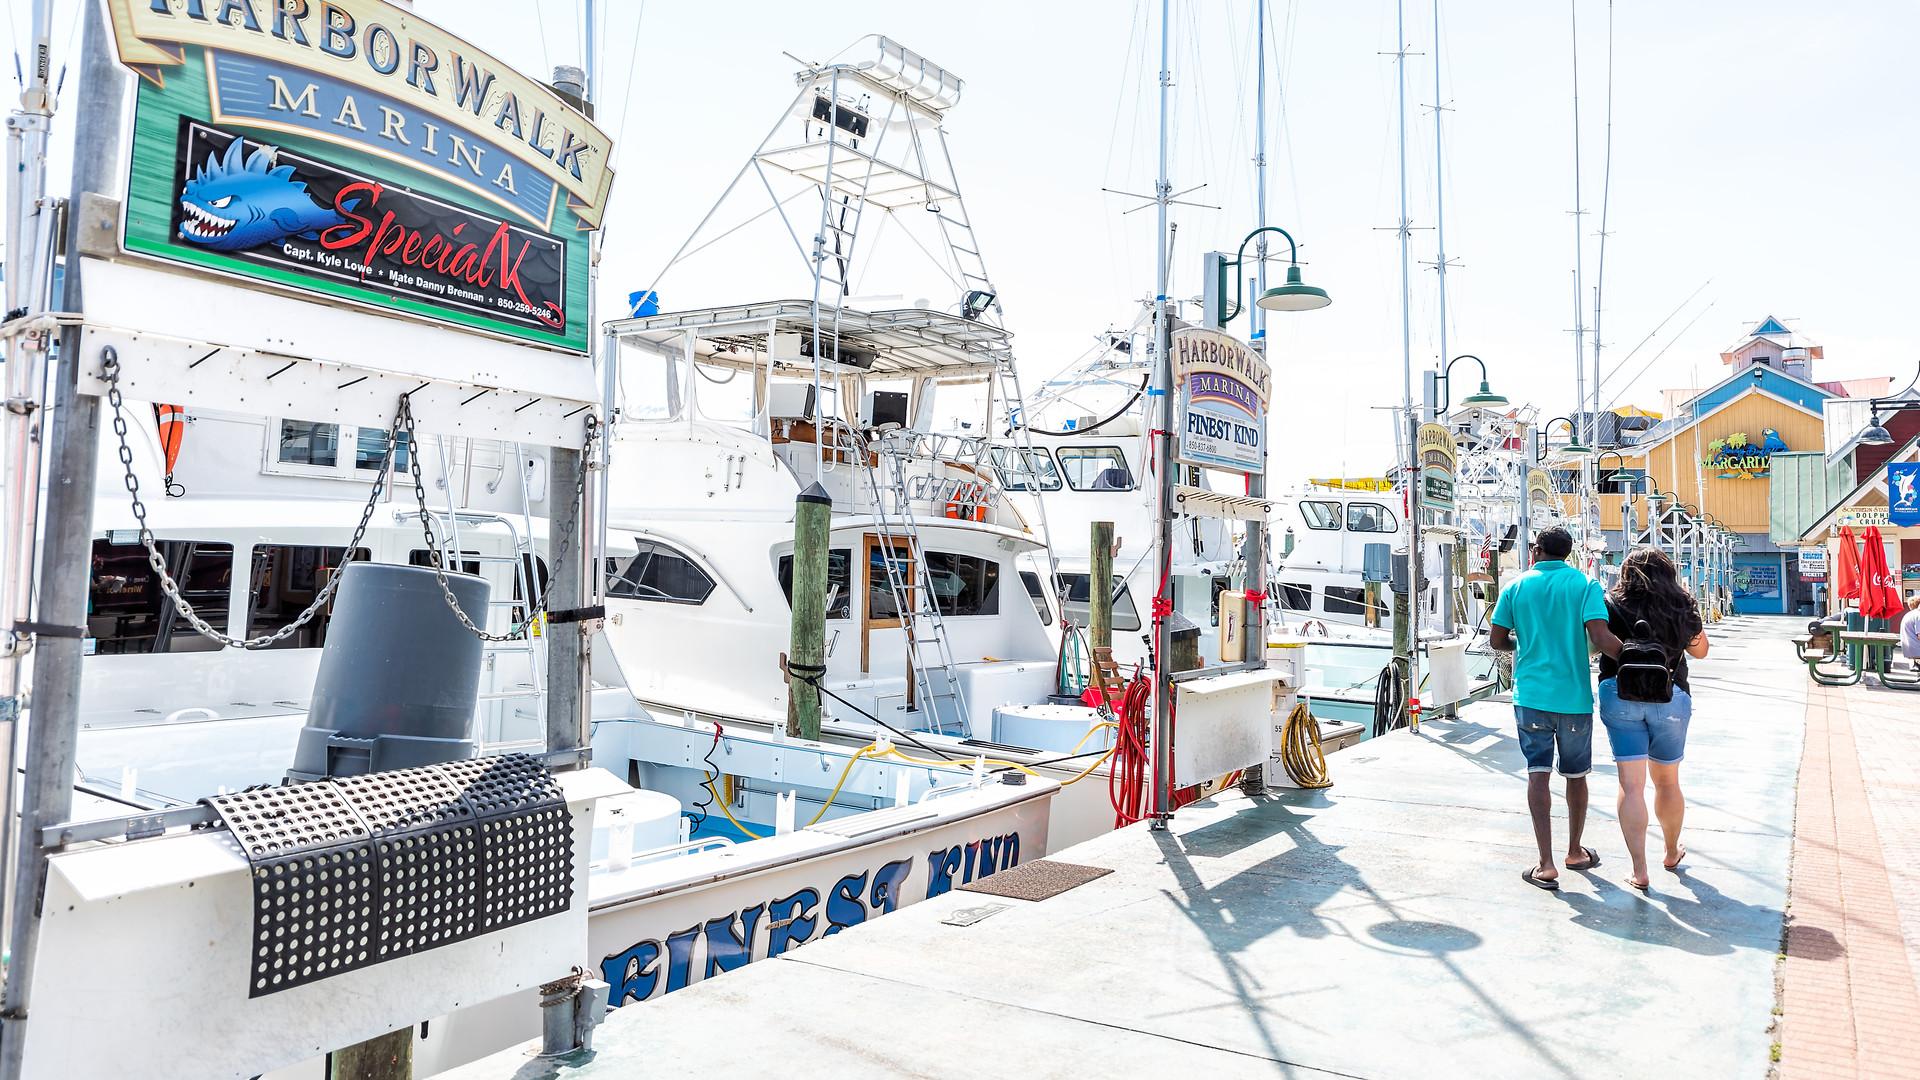 Destin Harborwalk boats.jpg